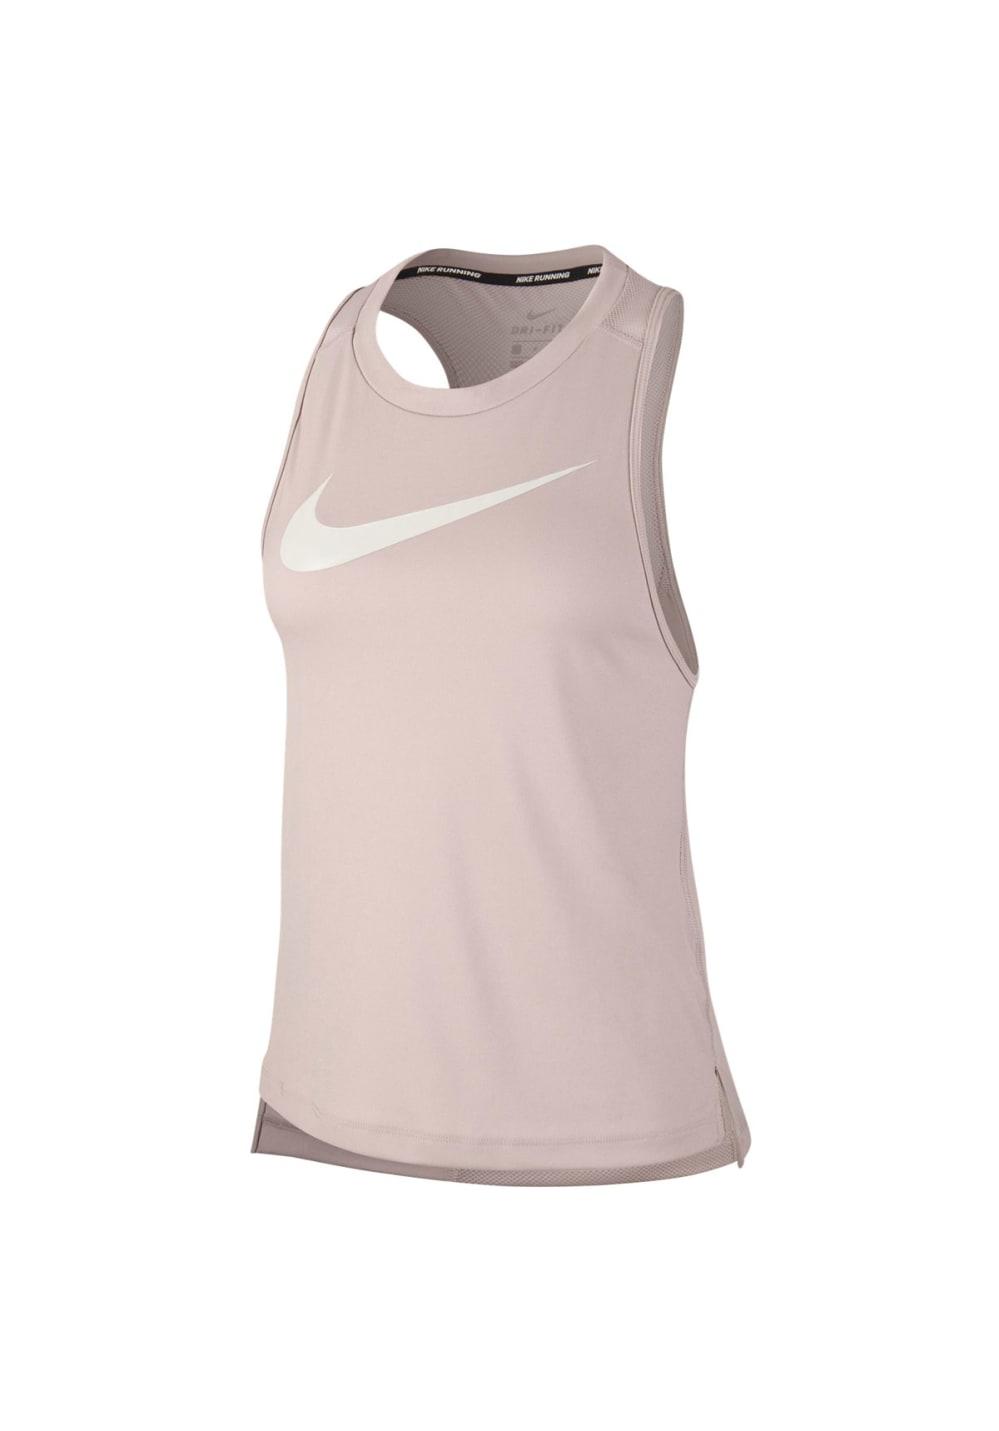 Sportmode für Frauen - Nike Dry Miler Running Tank Laufshirts für Damen Beige  - Onlineshop 21Run